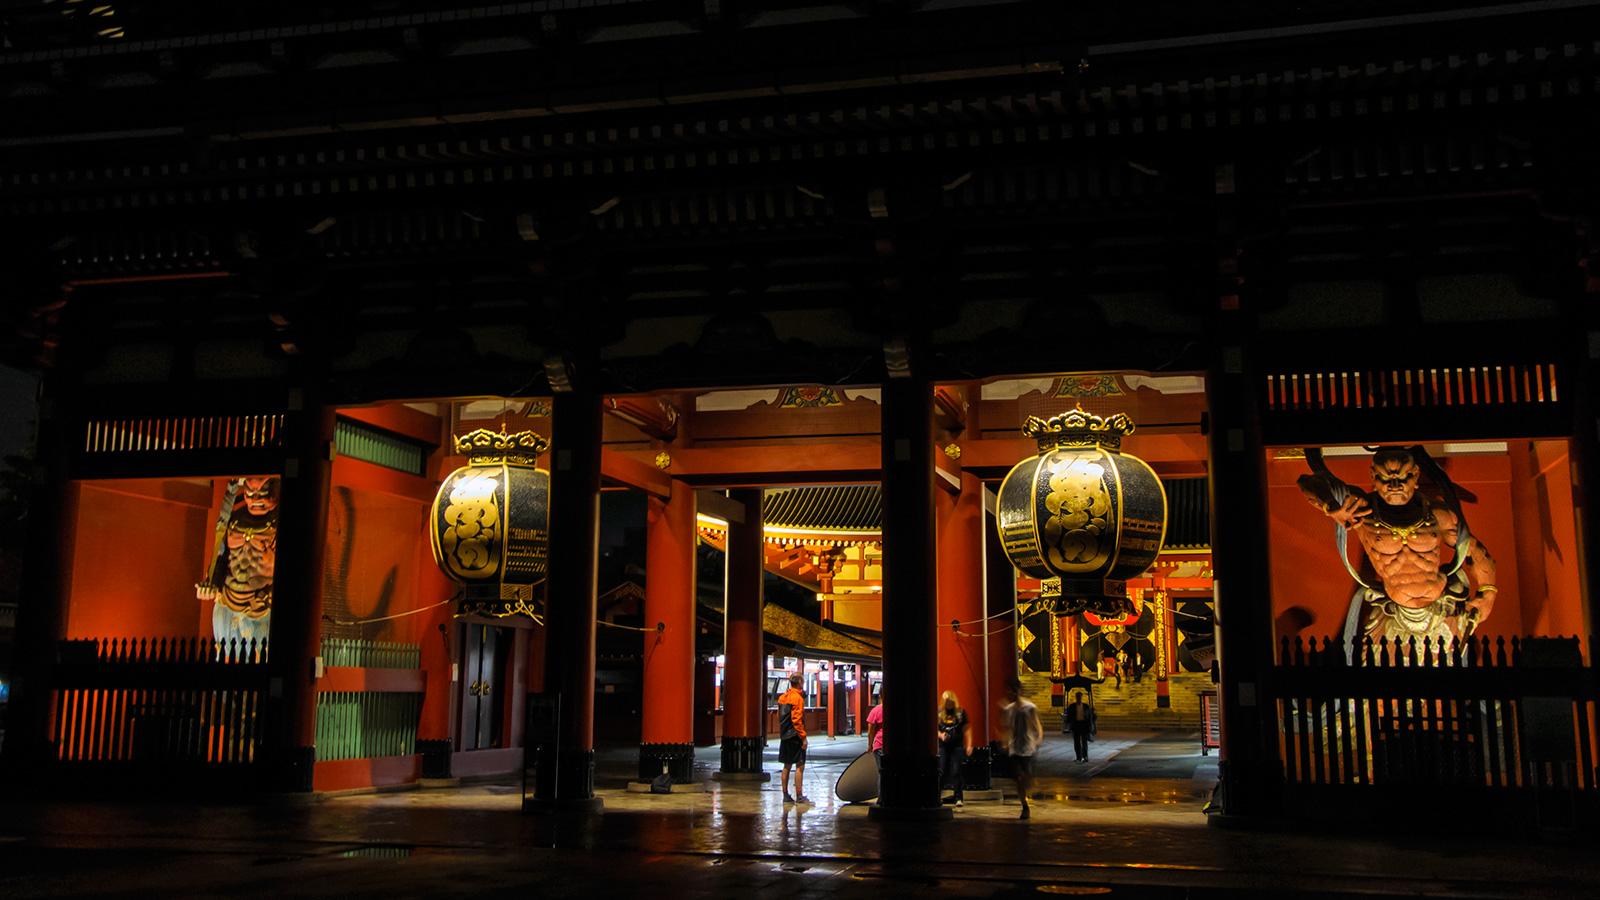 夜、闇の中で躍動感のある仁王像が存在感を増す - -東京:浅草寺- -